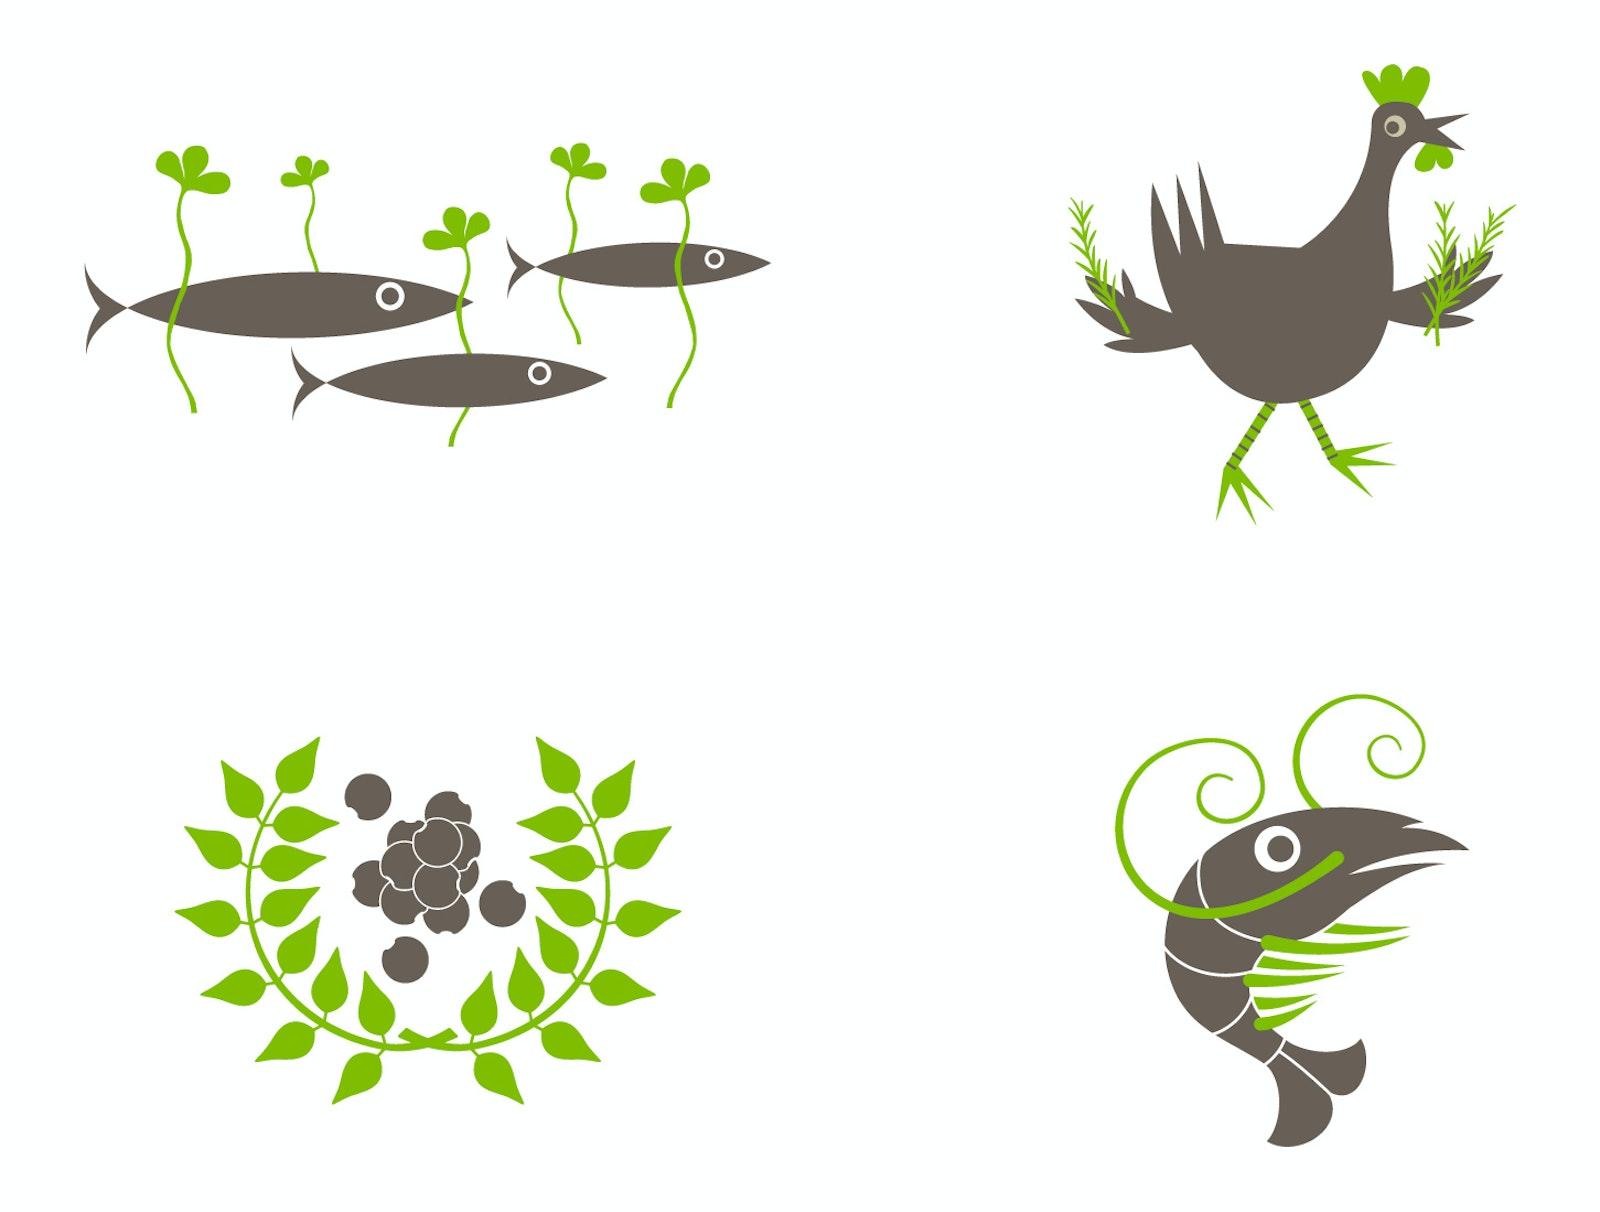 Simple Seed Illustrations